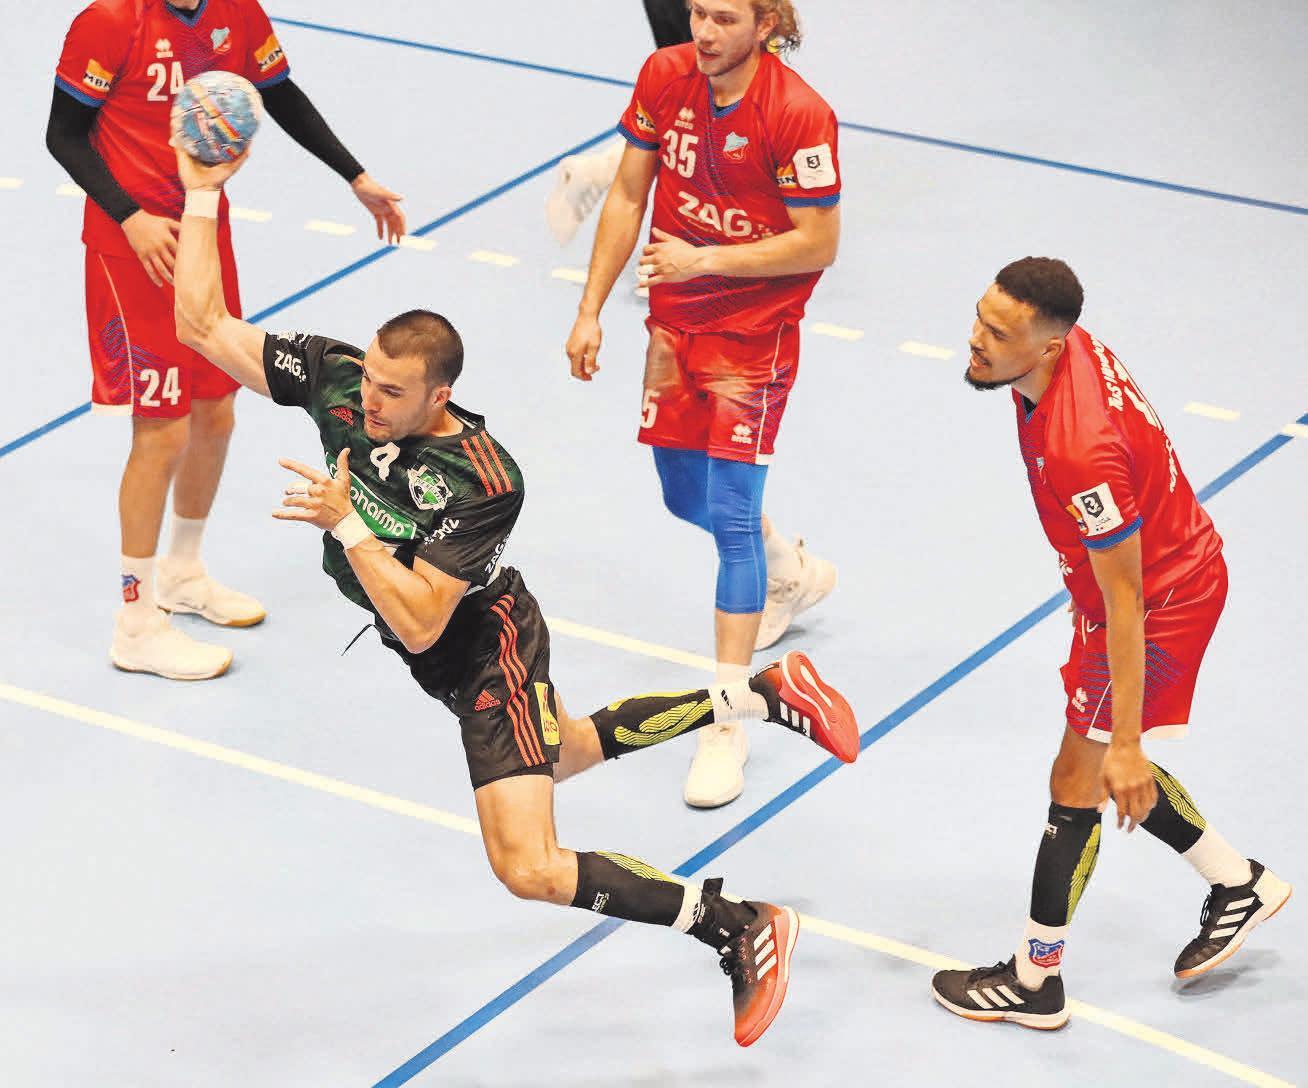 Ab durch die Mitte: Der Schwede Jonathan Edvardsson ist einer von zwei Neuzugängen bei der TSV. Foto: Florian Petrow (5)